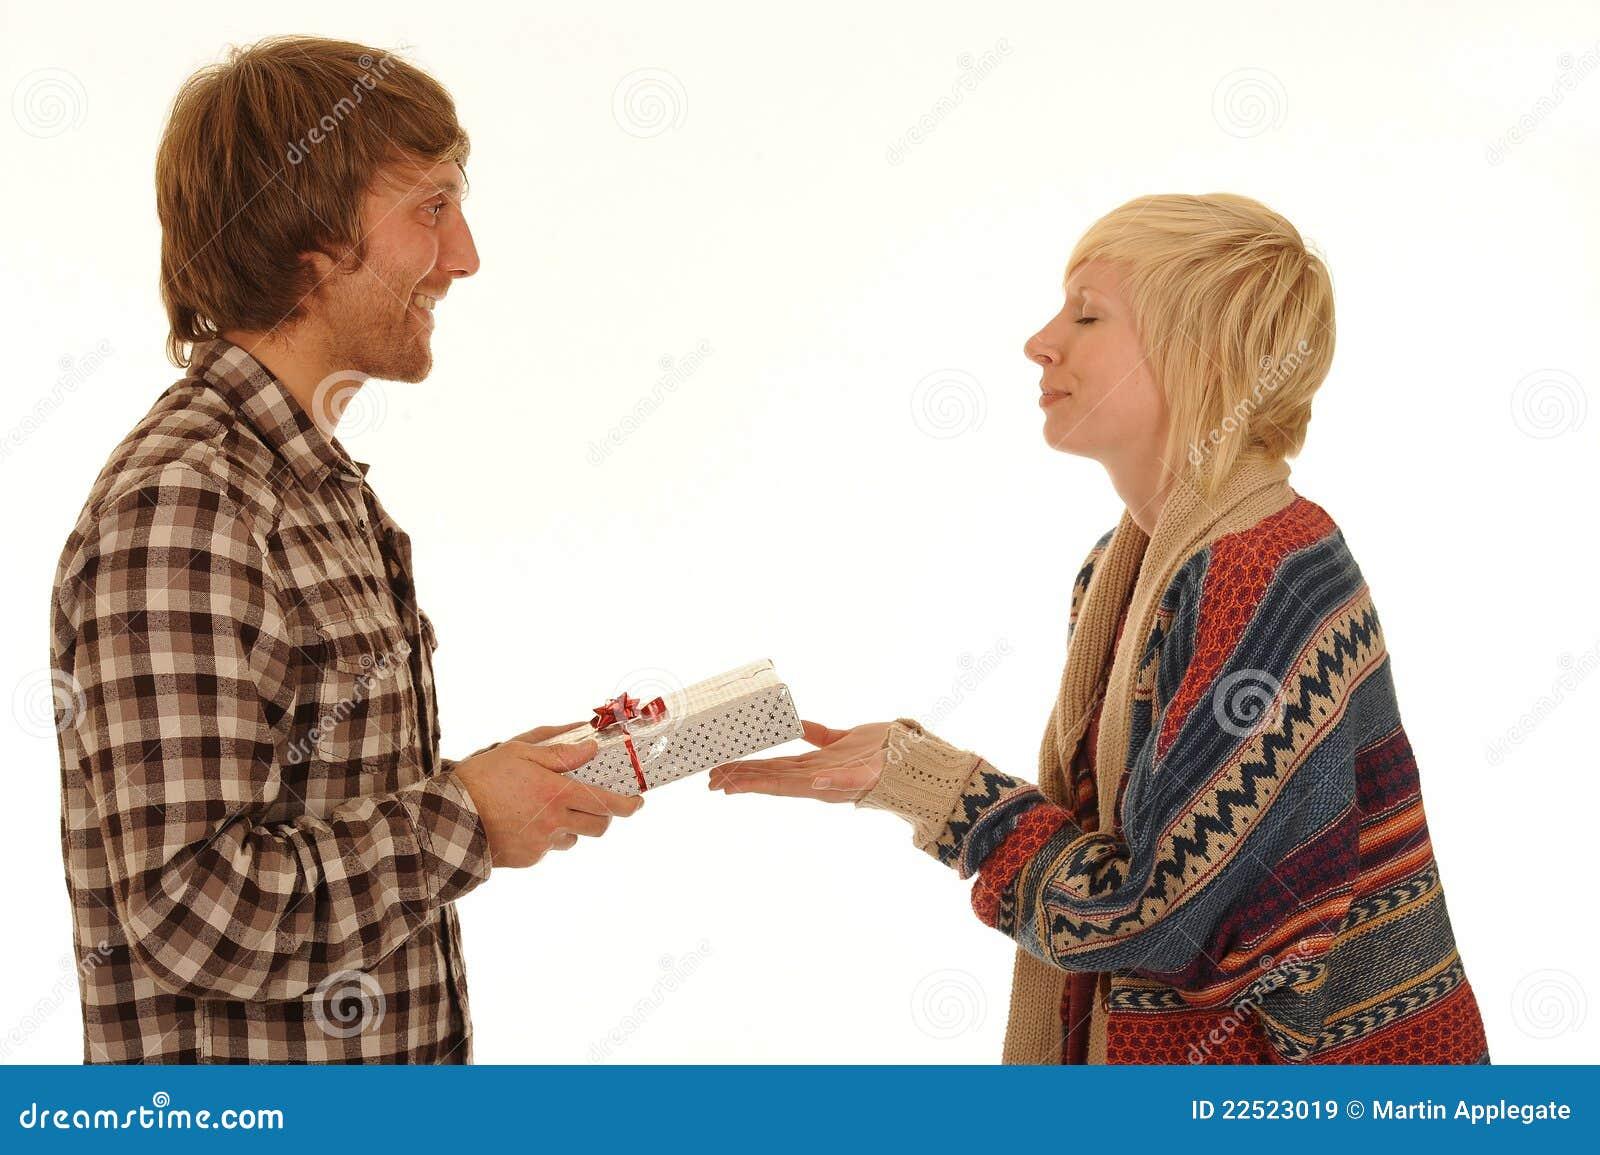 Man giving girlfriend present